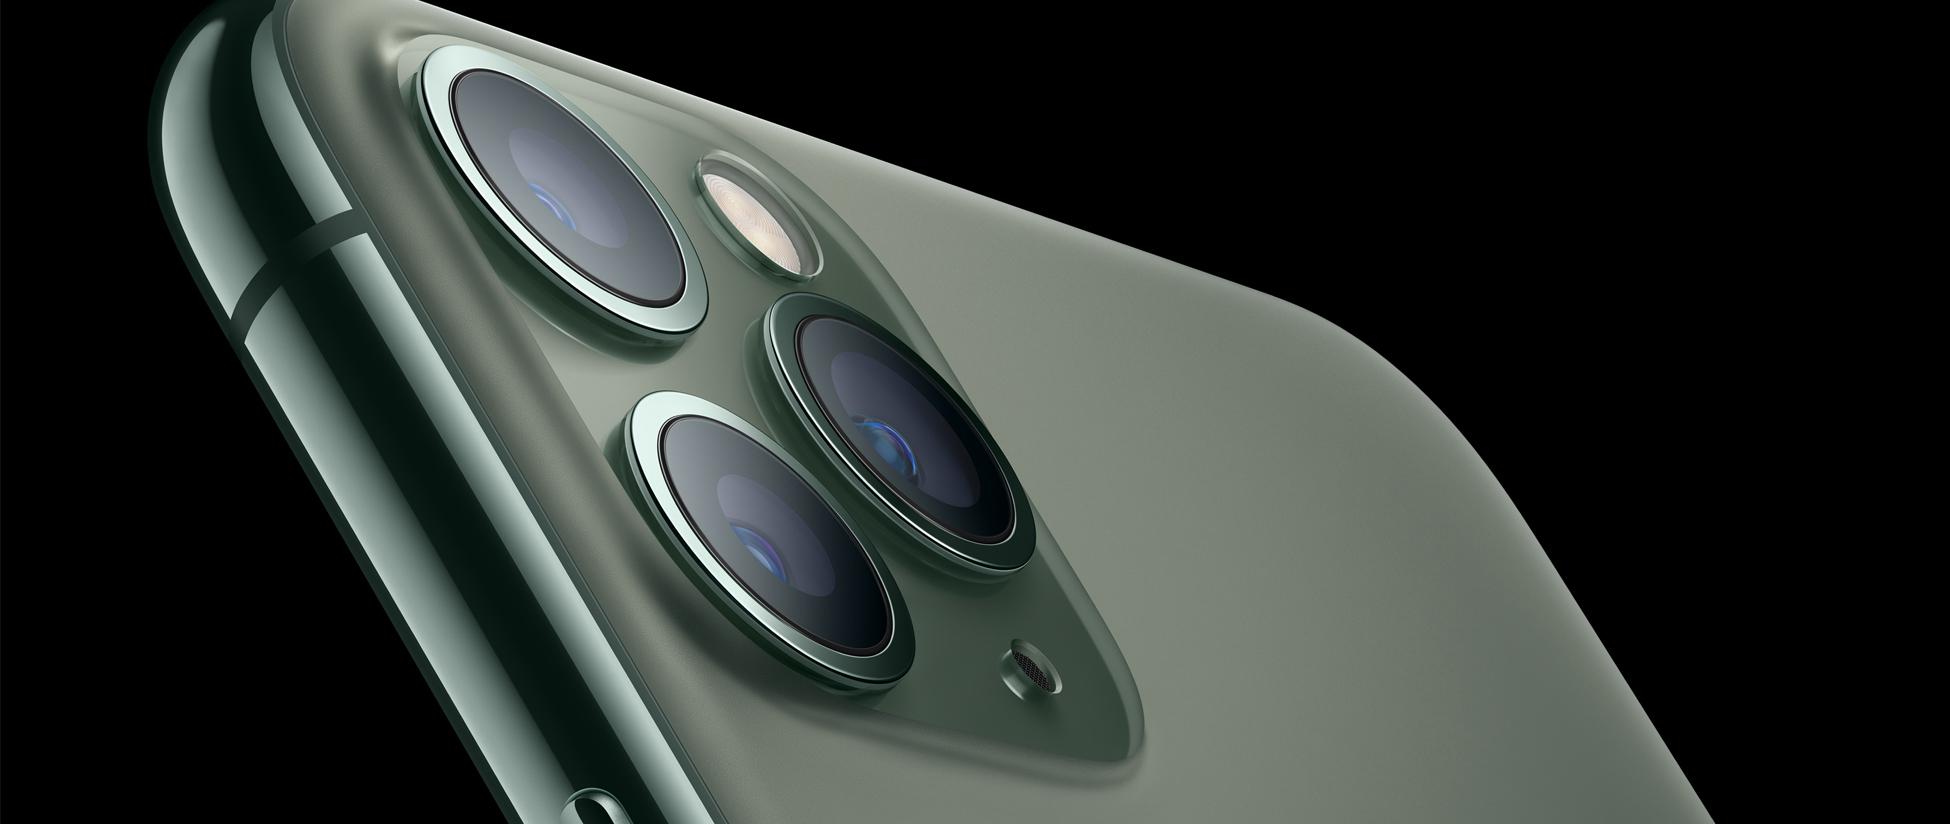 Kamerafassung des iPhone 11 Pro